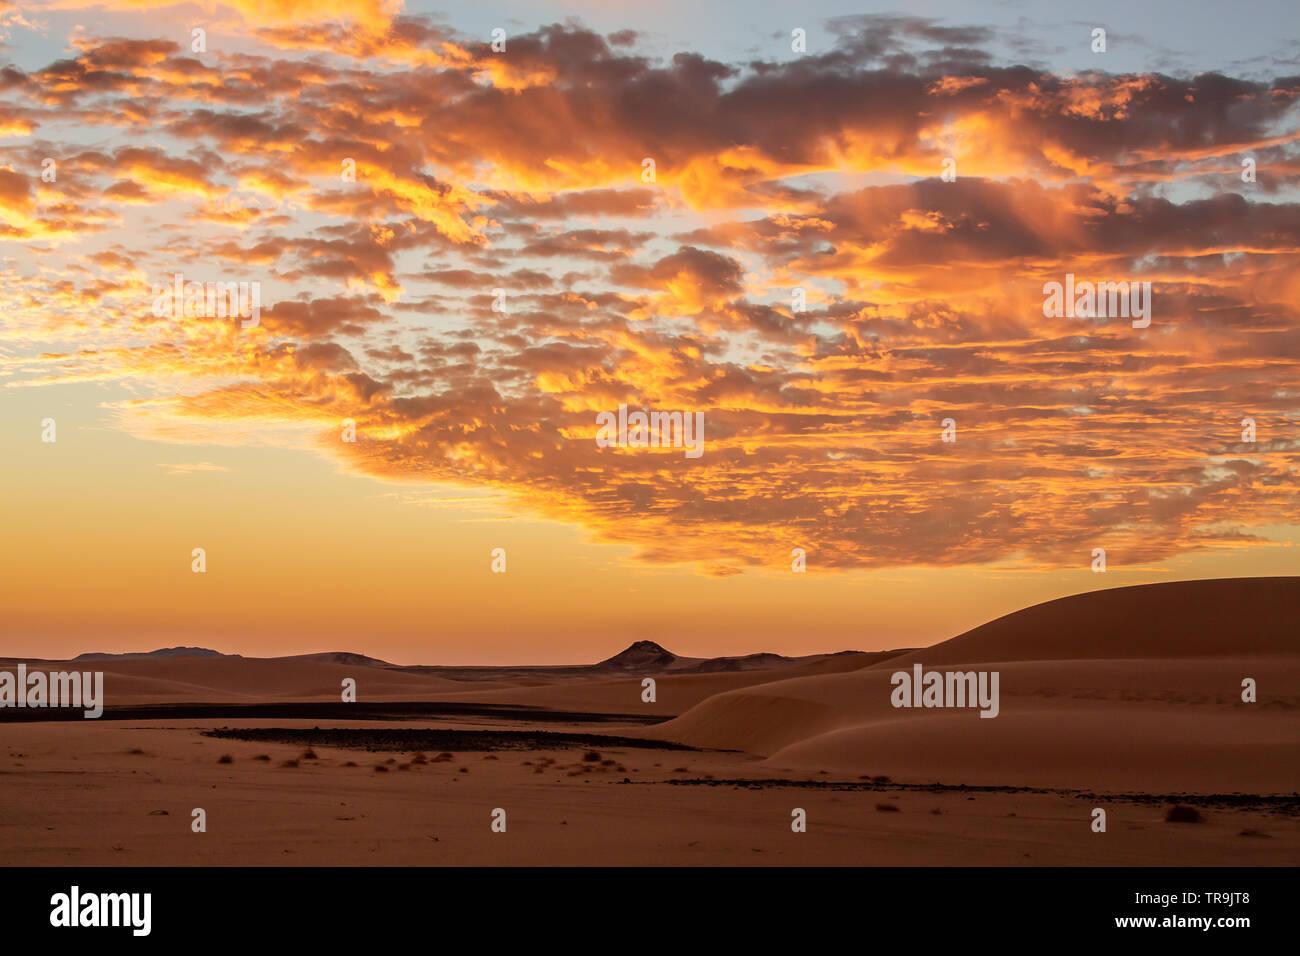 Un bellissimo tramonto Africano nel deserto occidentale del Sudan con le nuvole colorate e del cielo e il piatto paesaggio del deserto Foto Stock